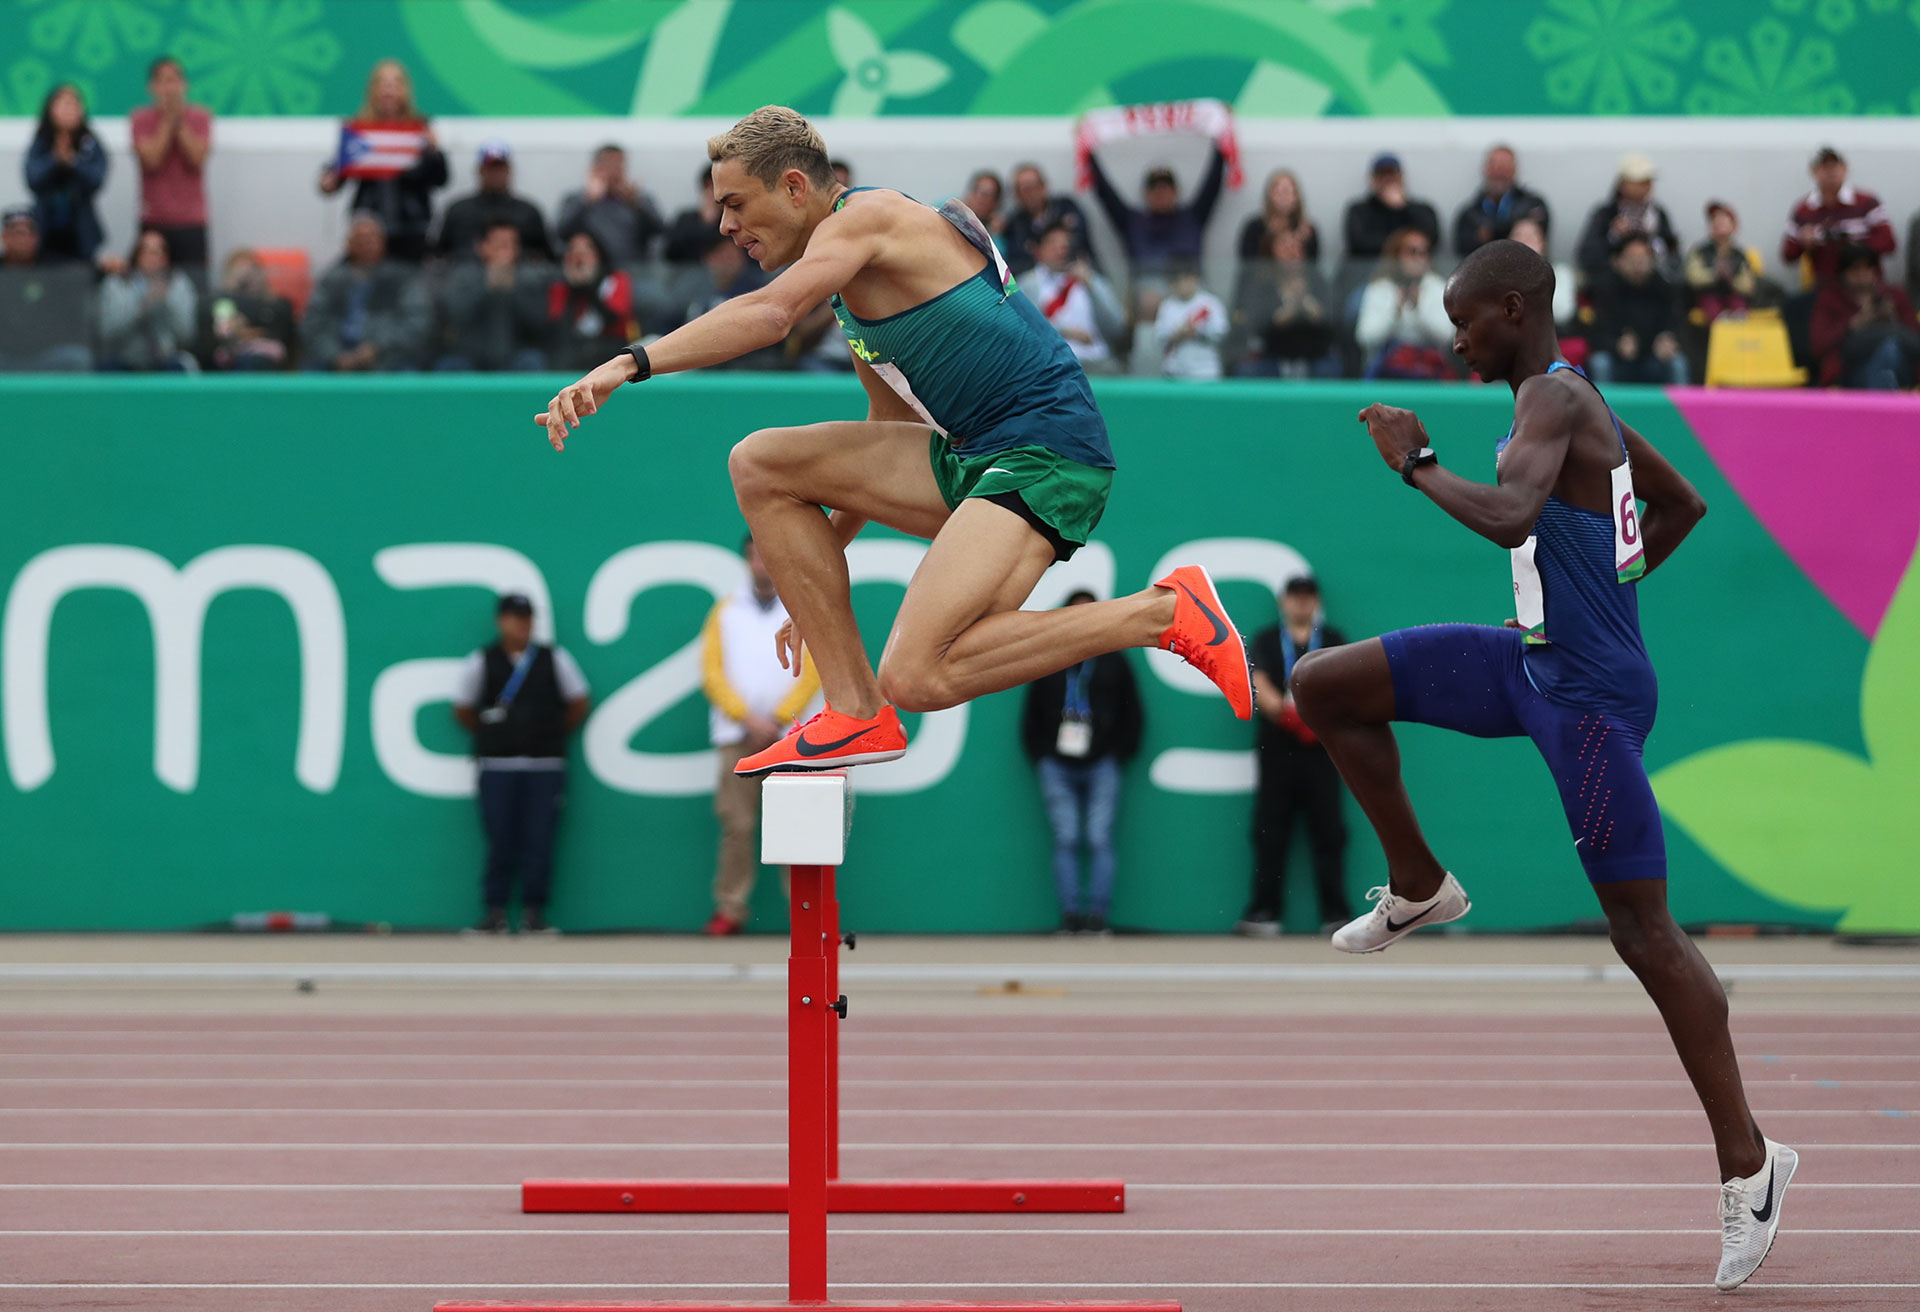 Los 110 metros con vallas ponen a prueba a los atletas